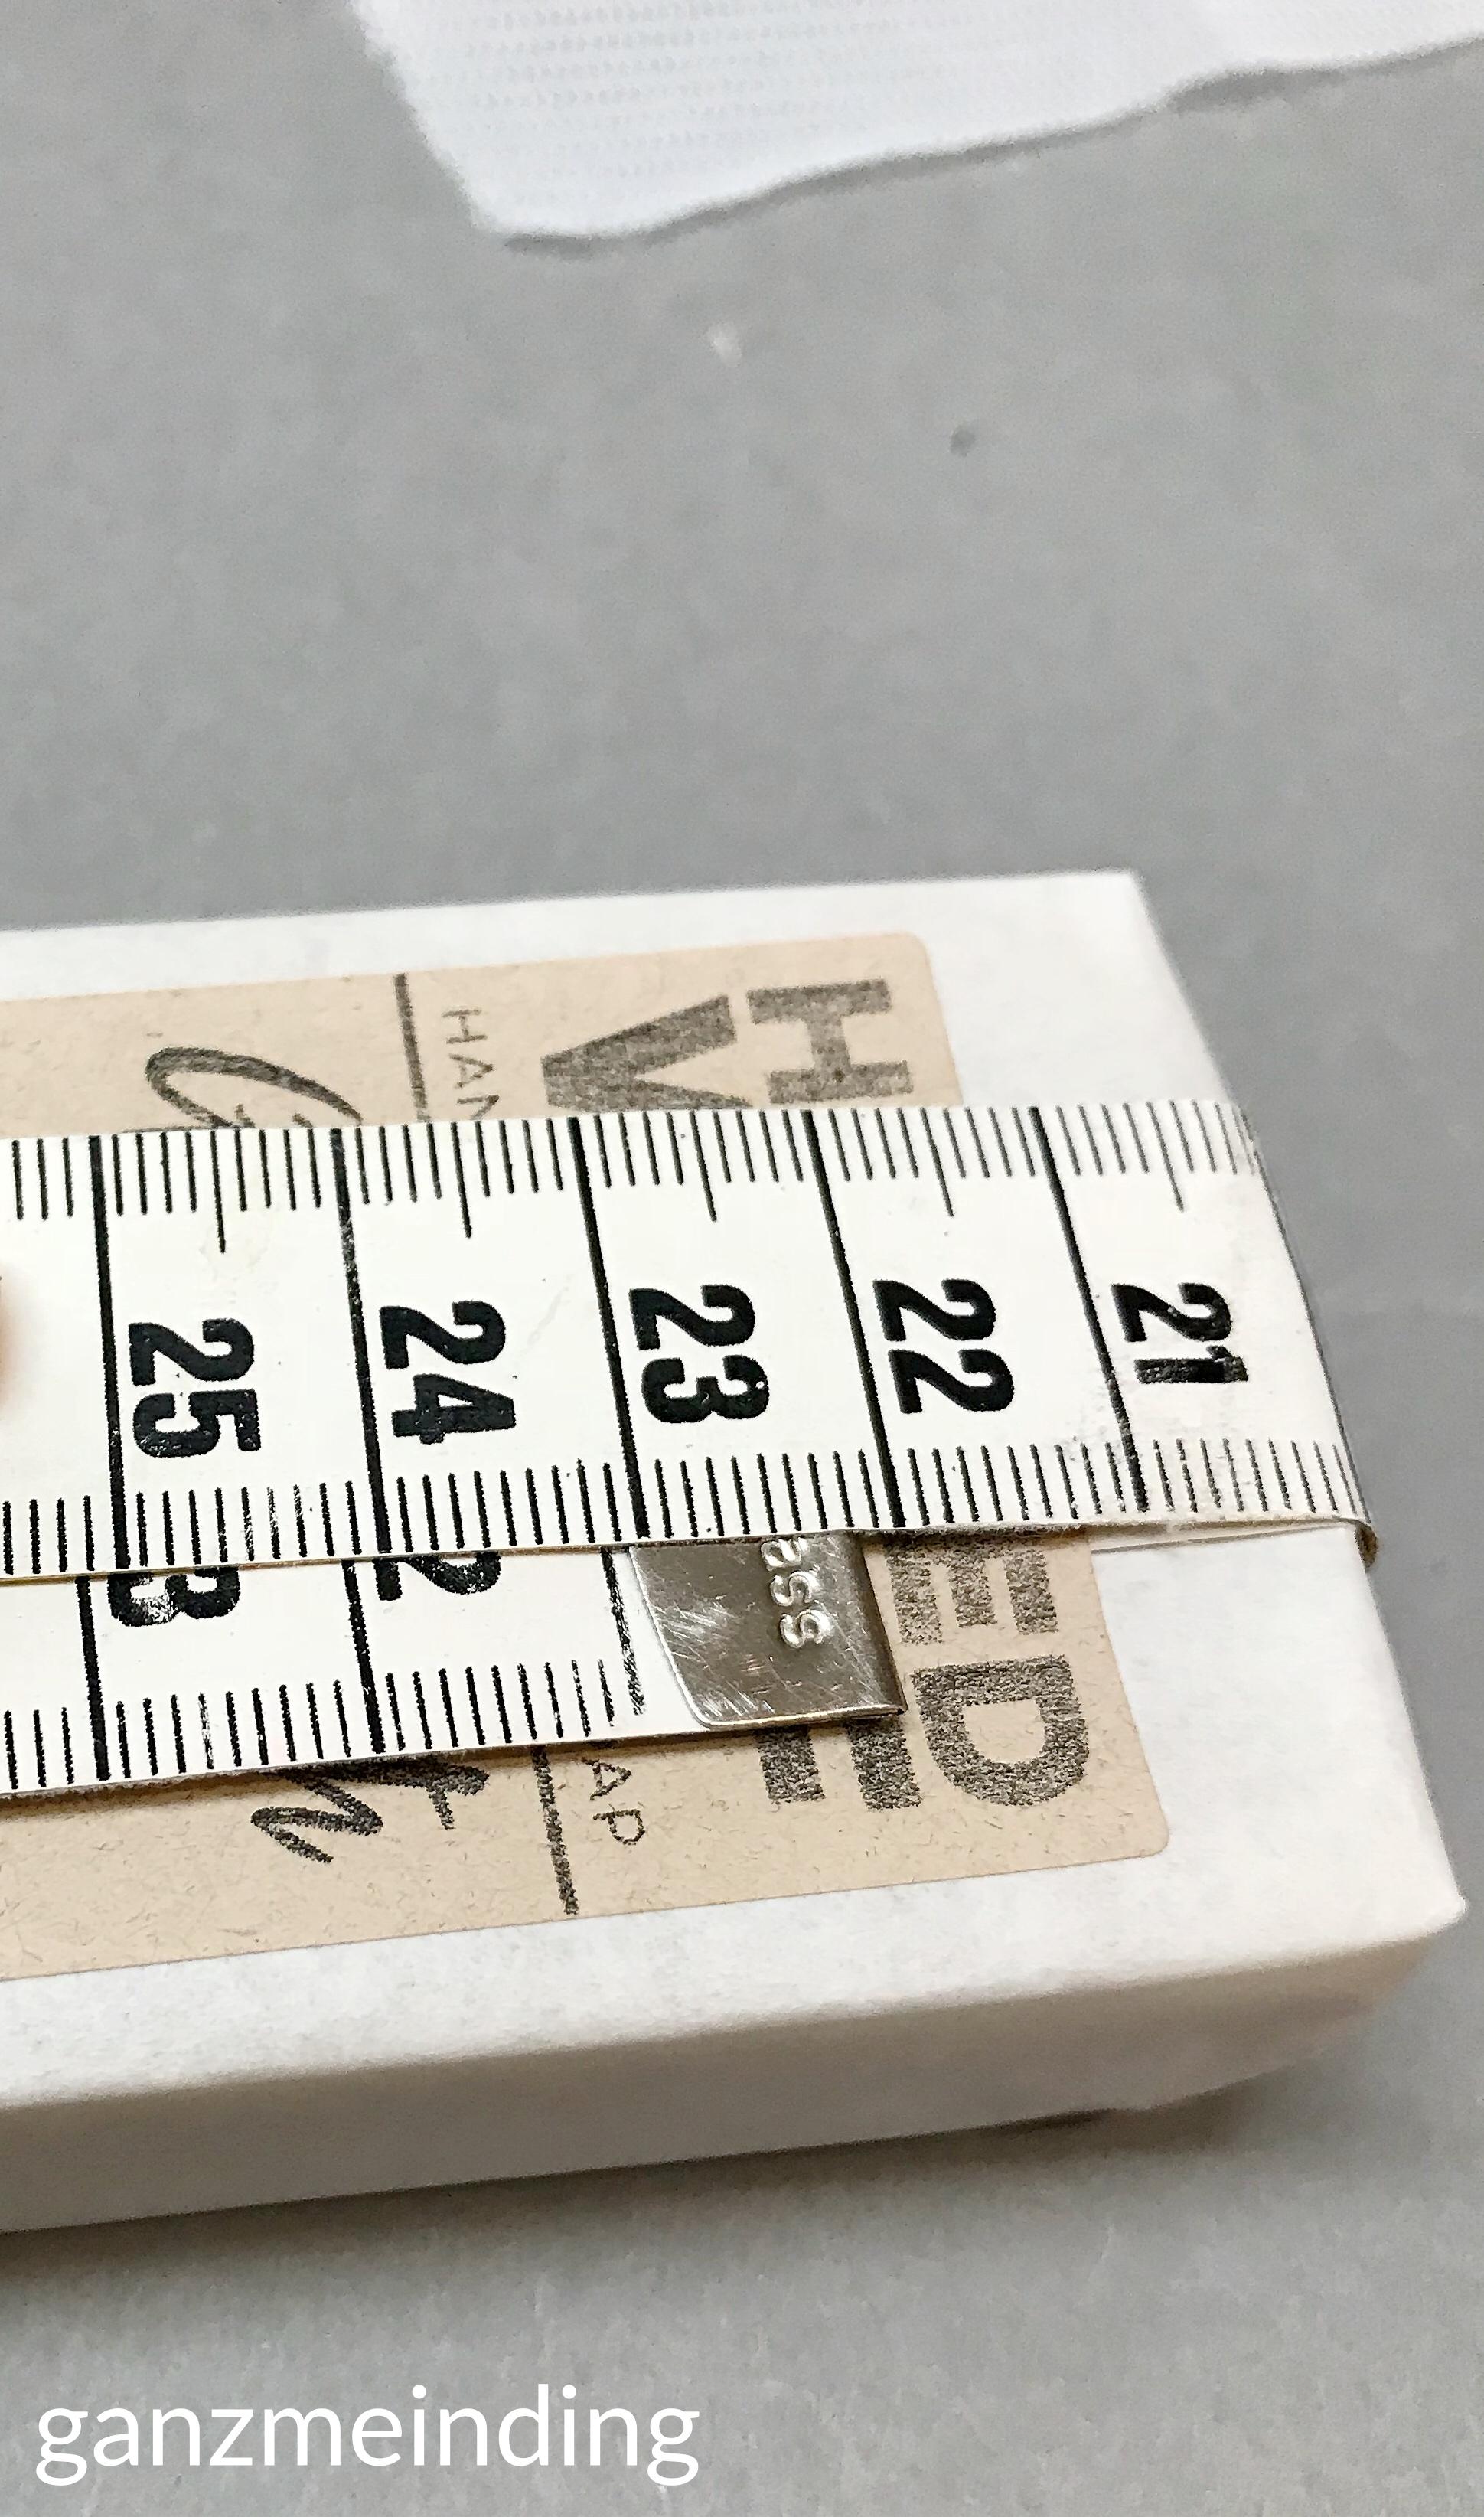 ganzmeinding: gratis Tutorial Seifensäckchen nähen, Seifen Haused Wolf 10